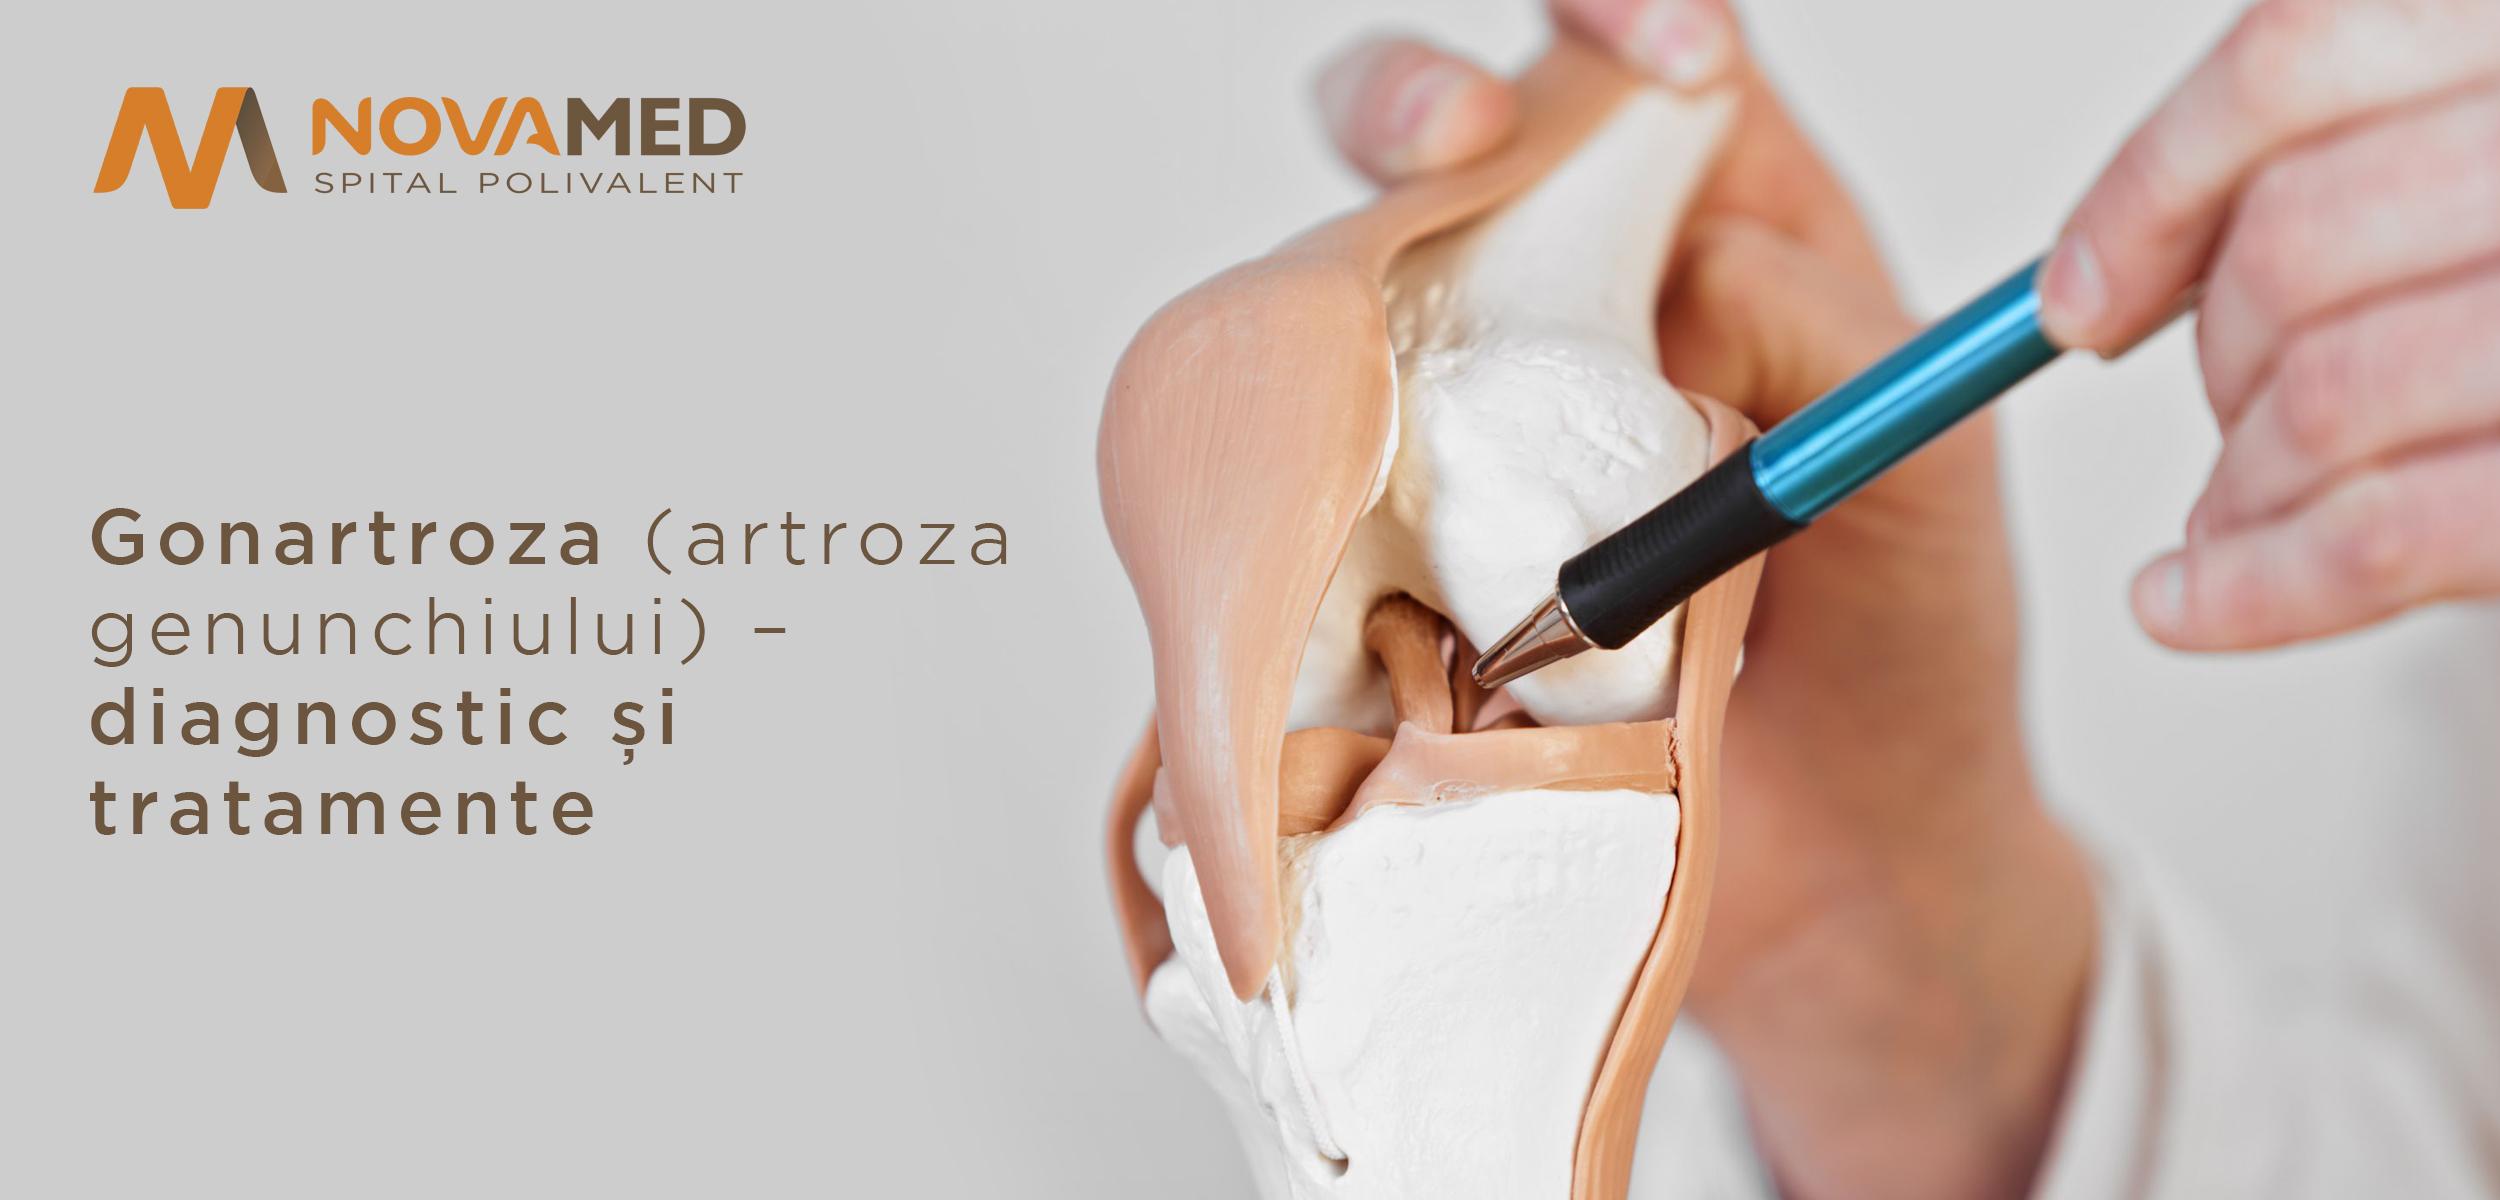 Adresele clinicilor pentru tratamentul artrozei, Artroza ar putea fi vindecata? - Doctor MIT